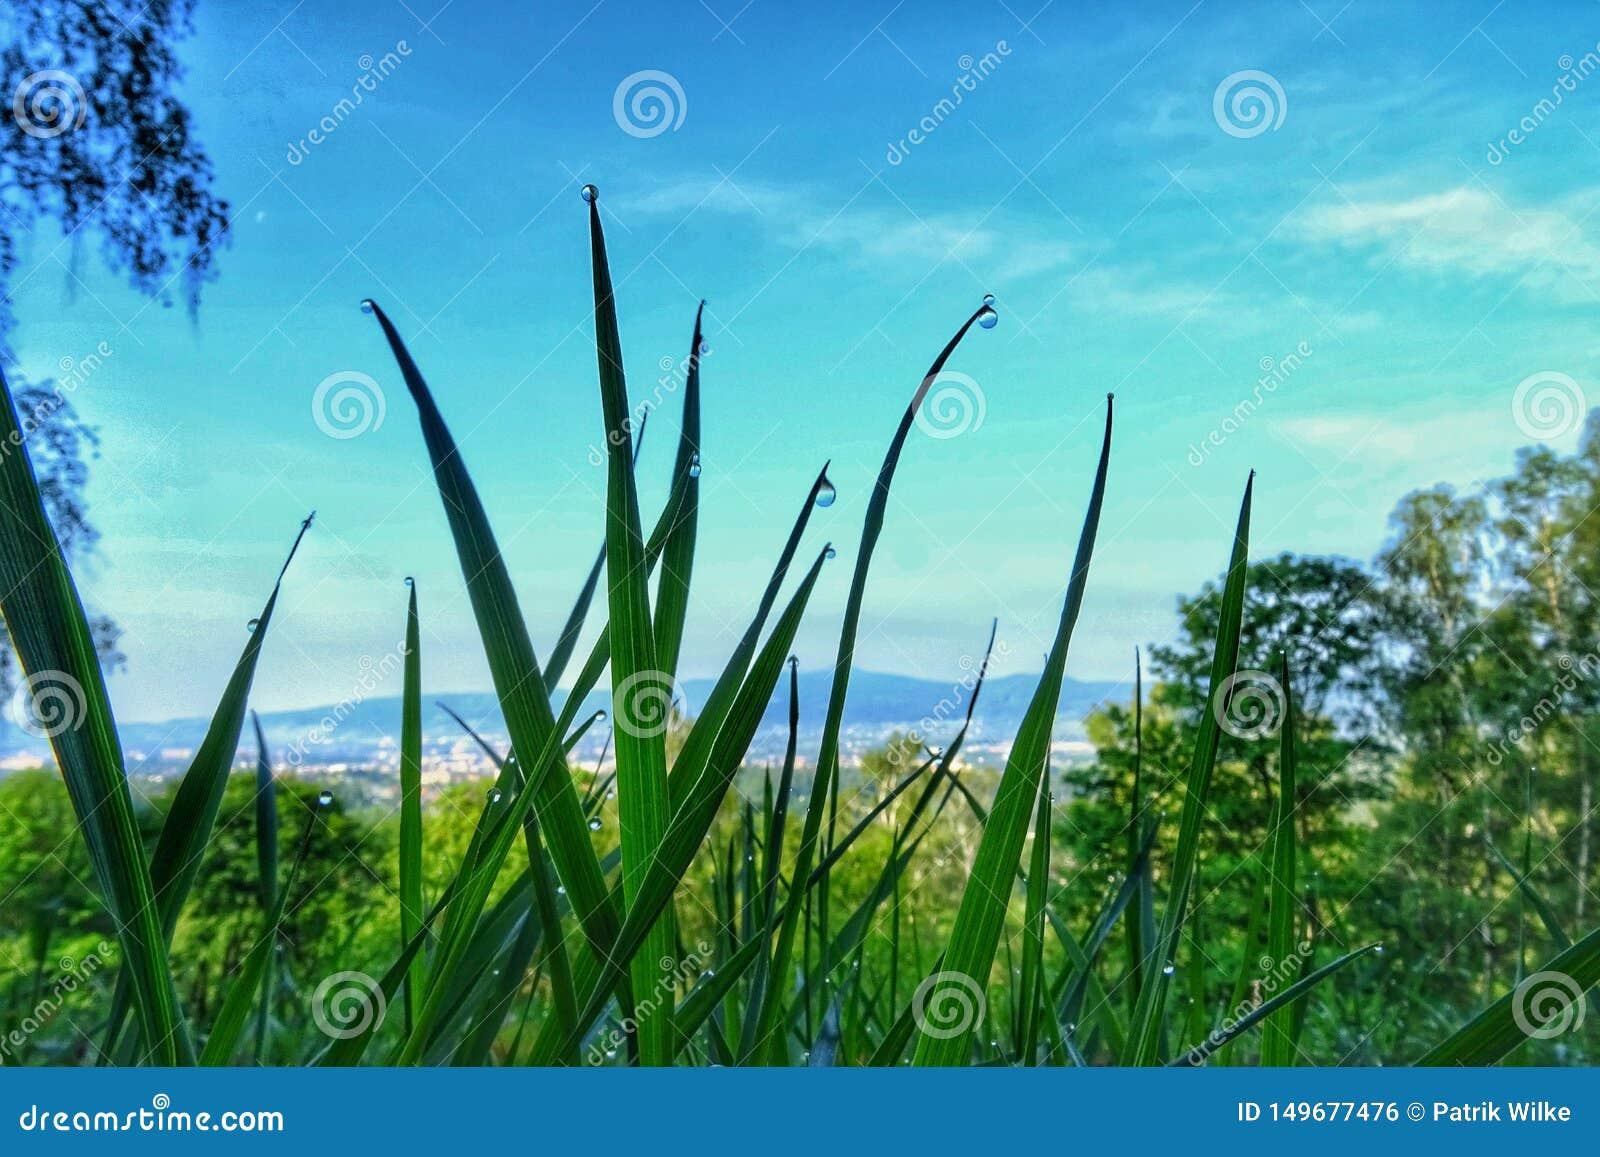 Падения росы на траве одно утро